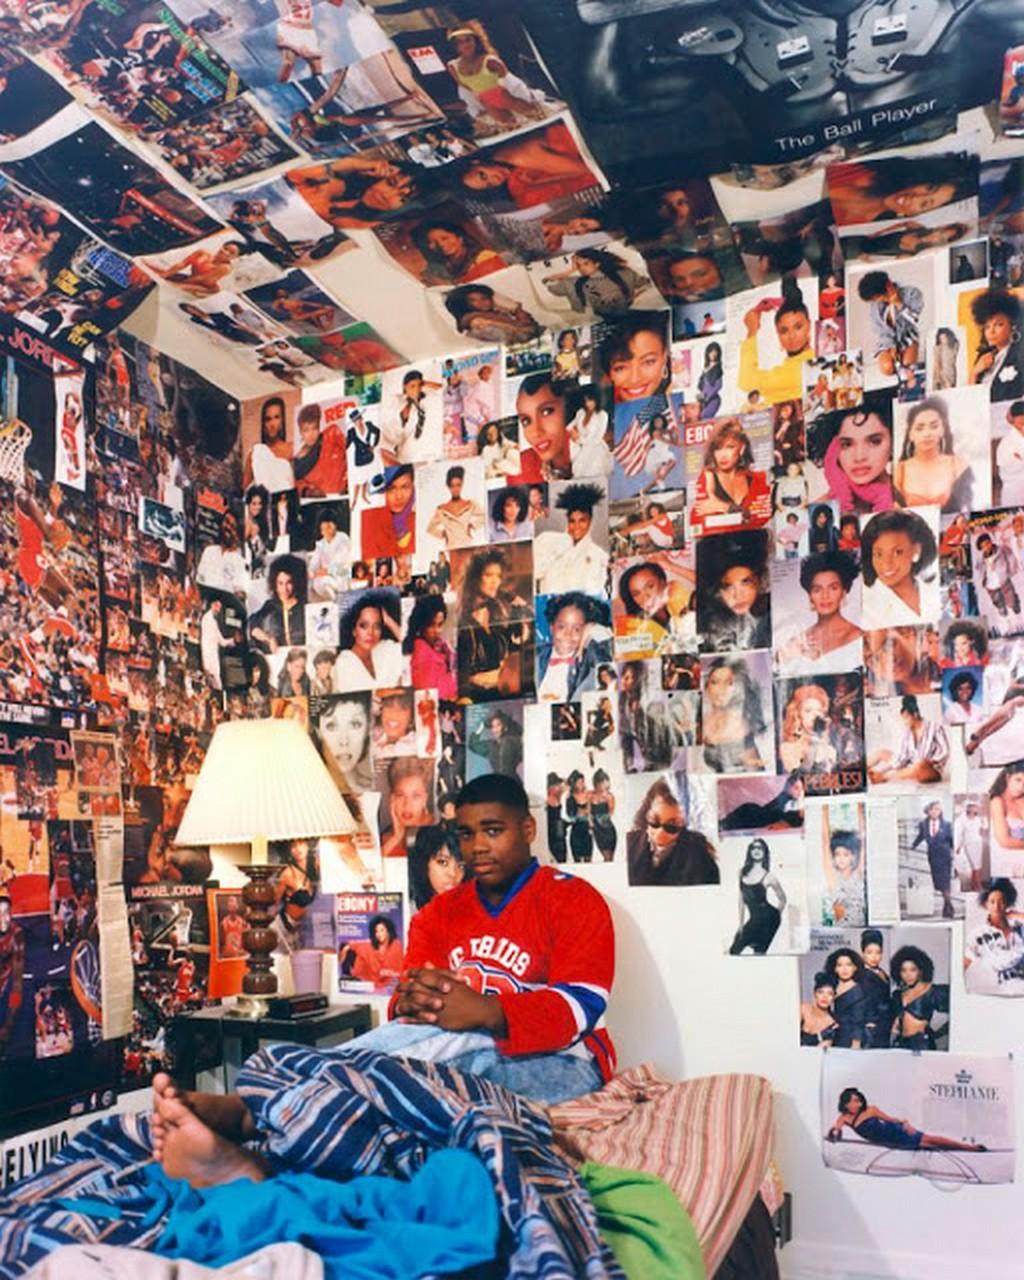 adrienne-salinger-teenagers-1990s-09.jpg